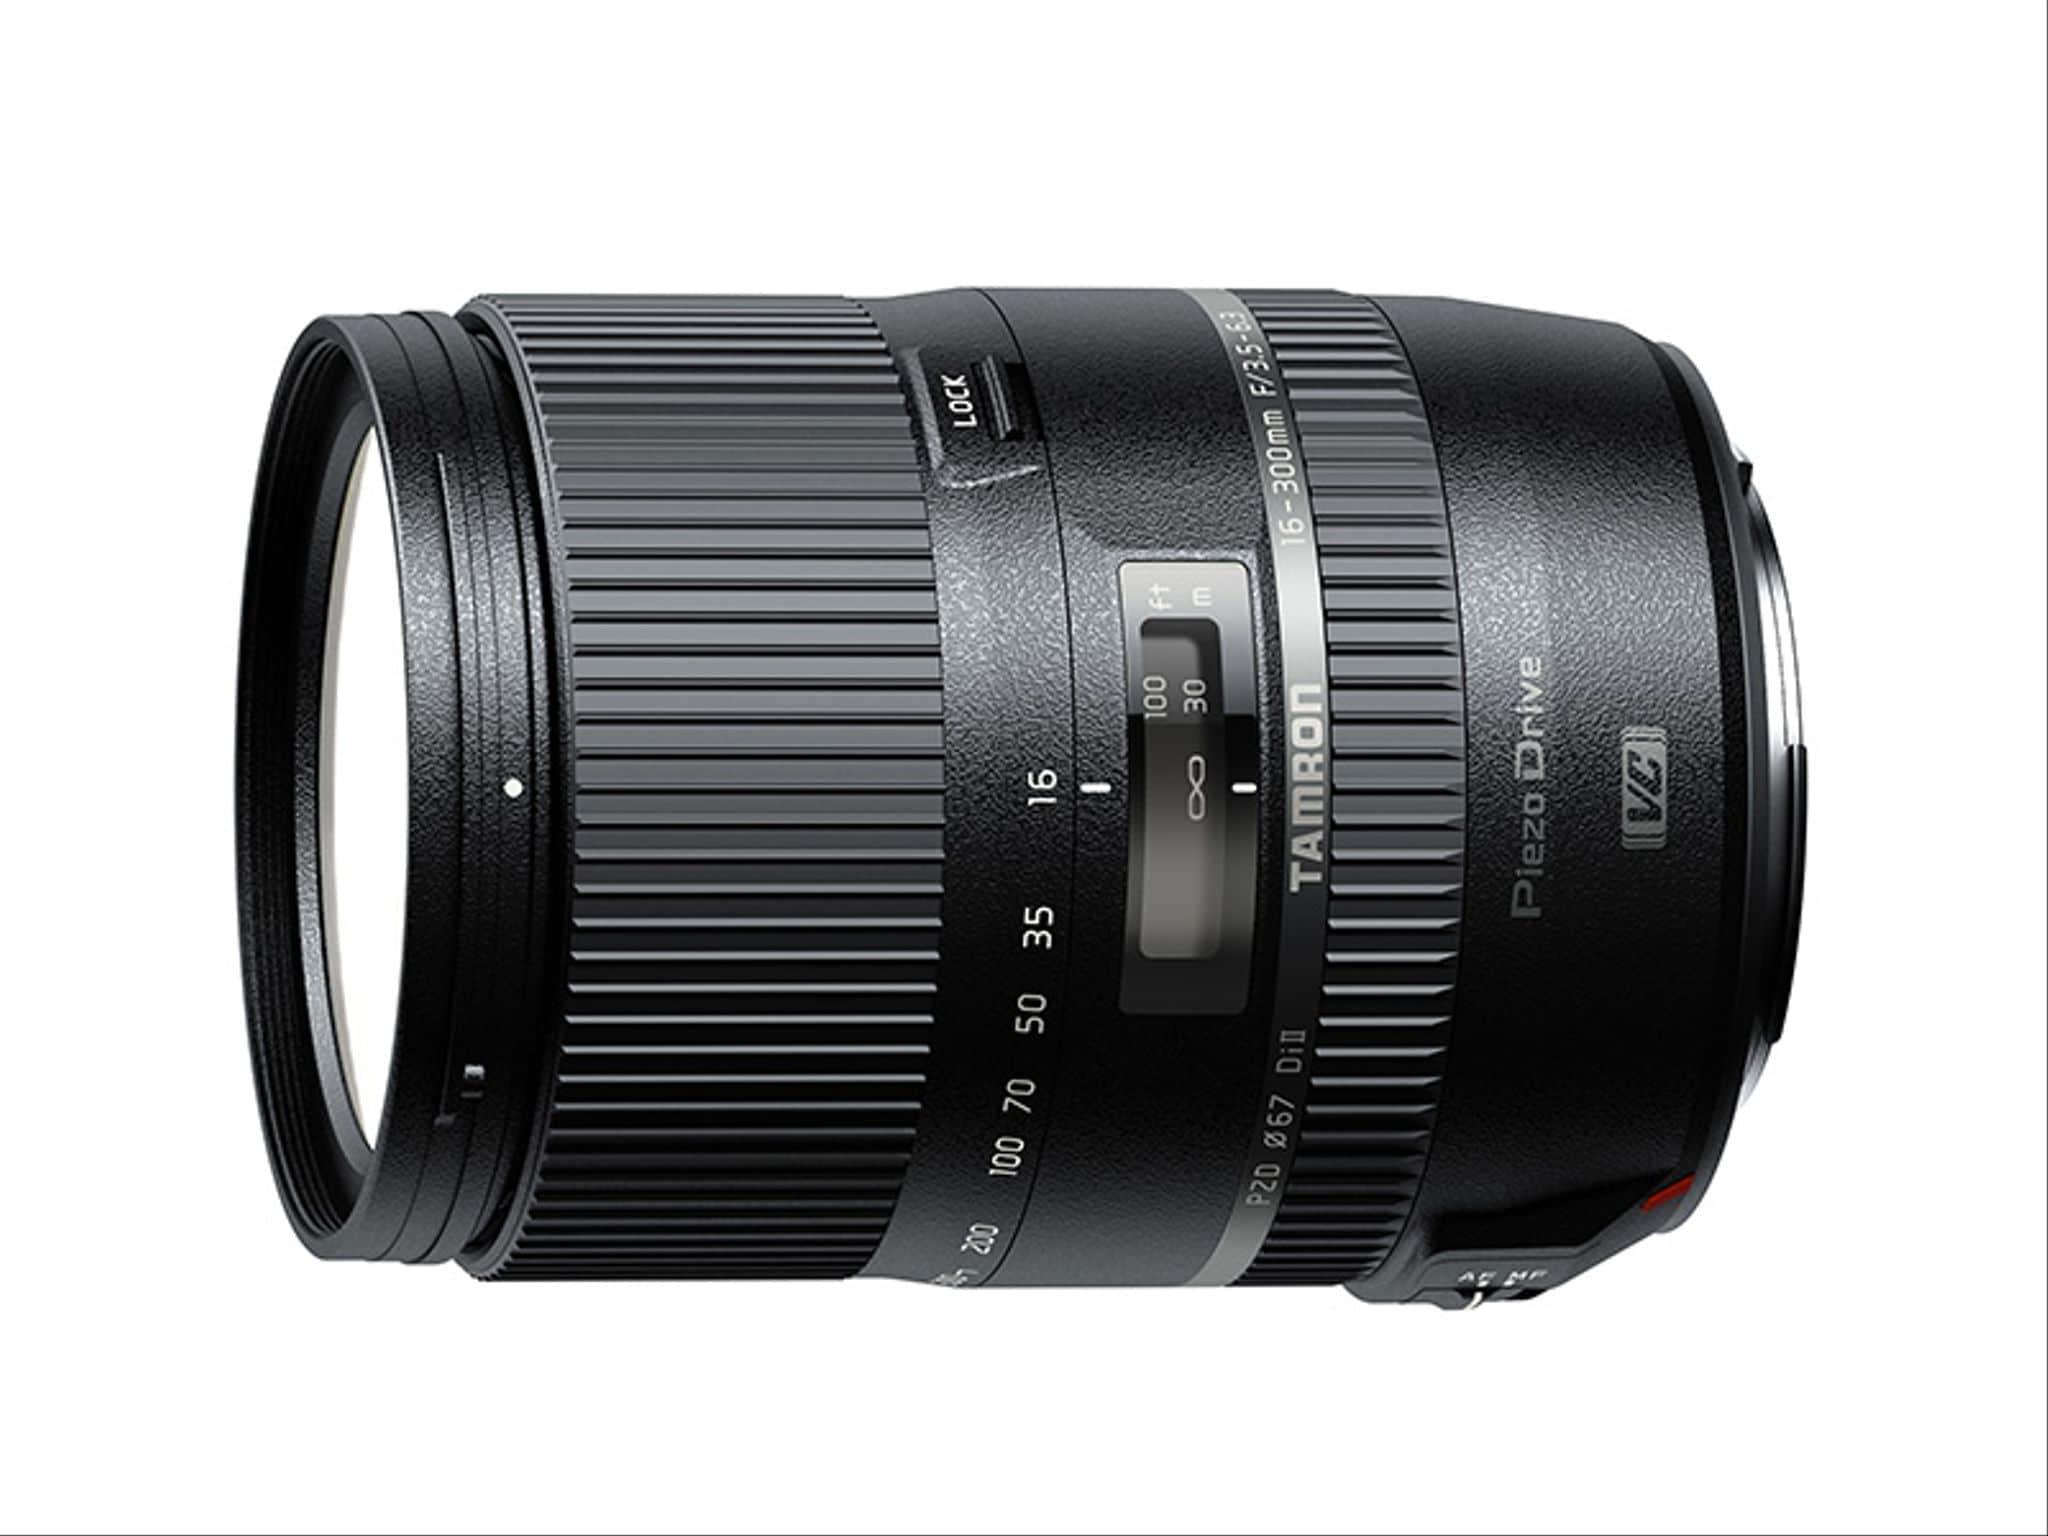 Tamron AF 16-300MM F/3.5-6.3 Di II VC PZD MACRO för Nikon - DEMO EX